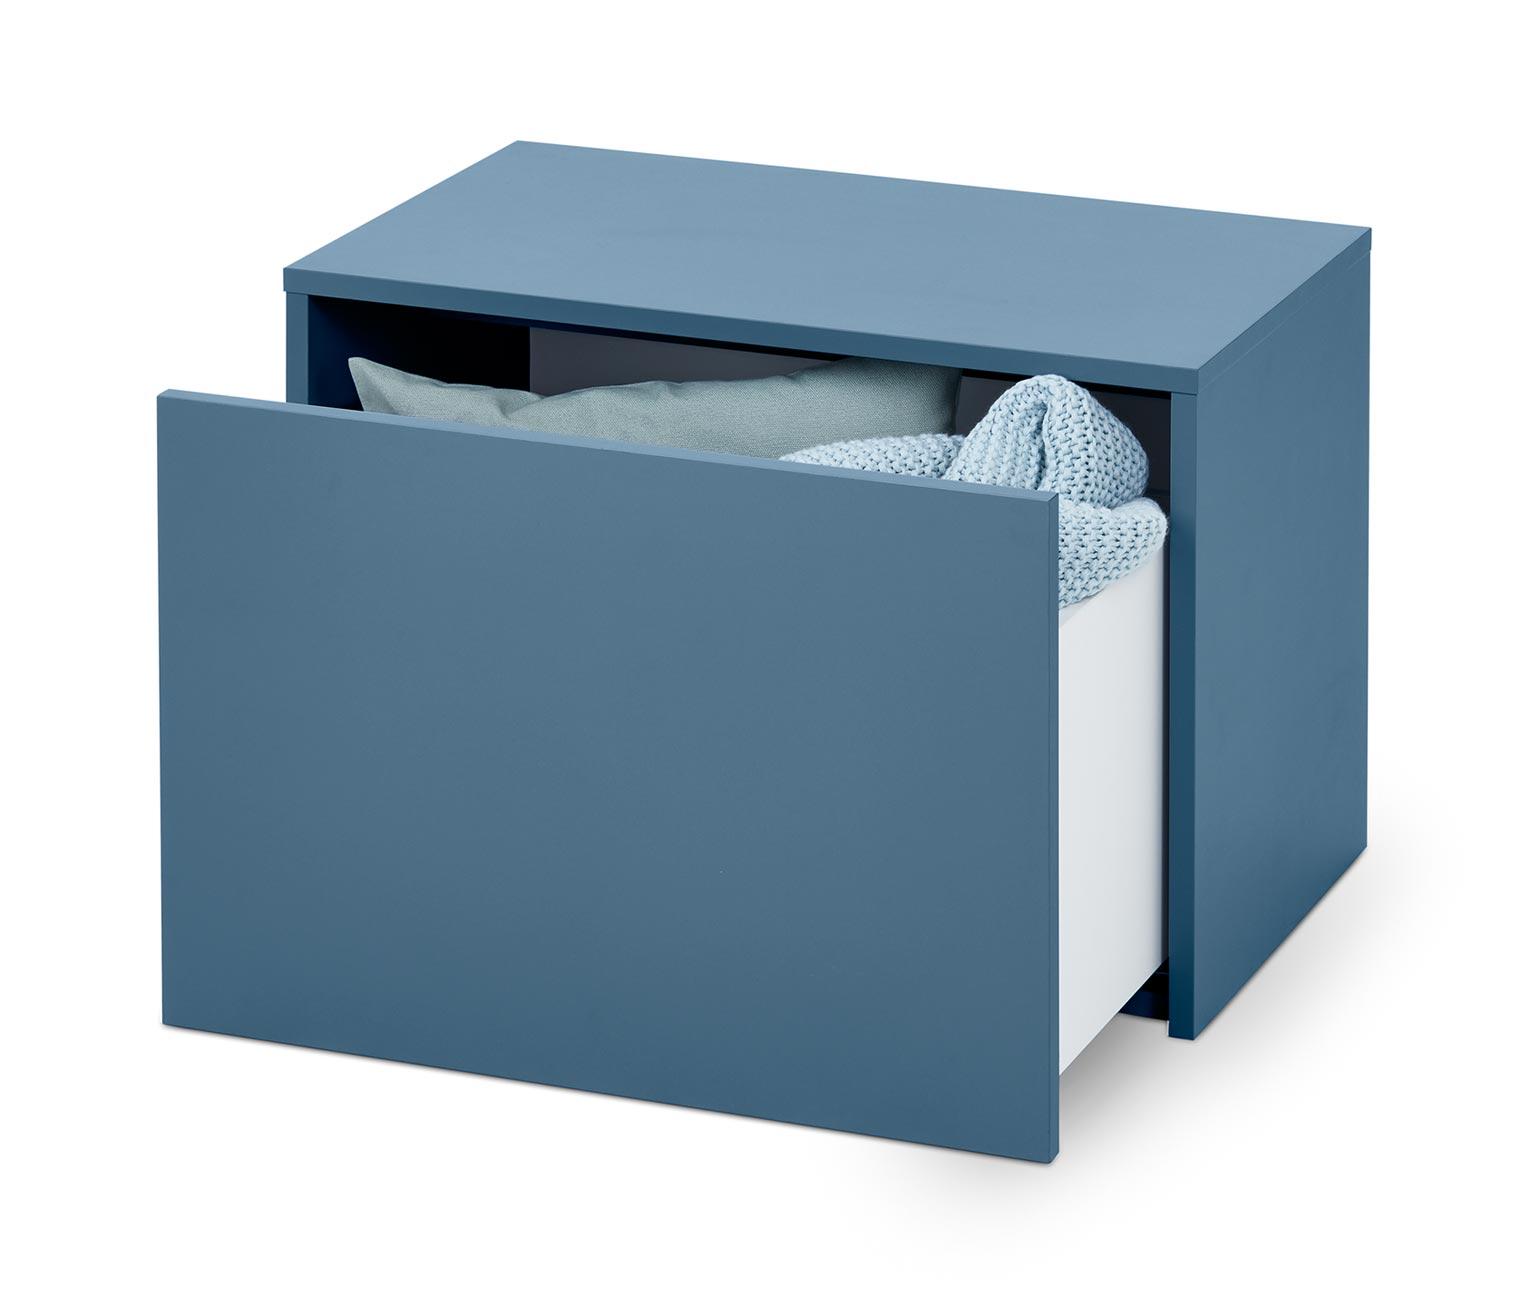 Image of Sitzbank mit Schublade